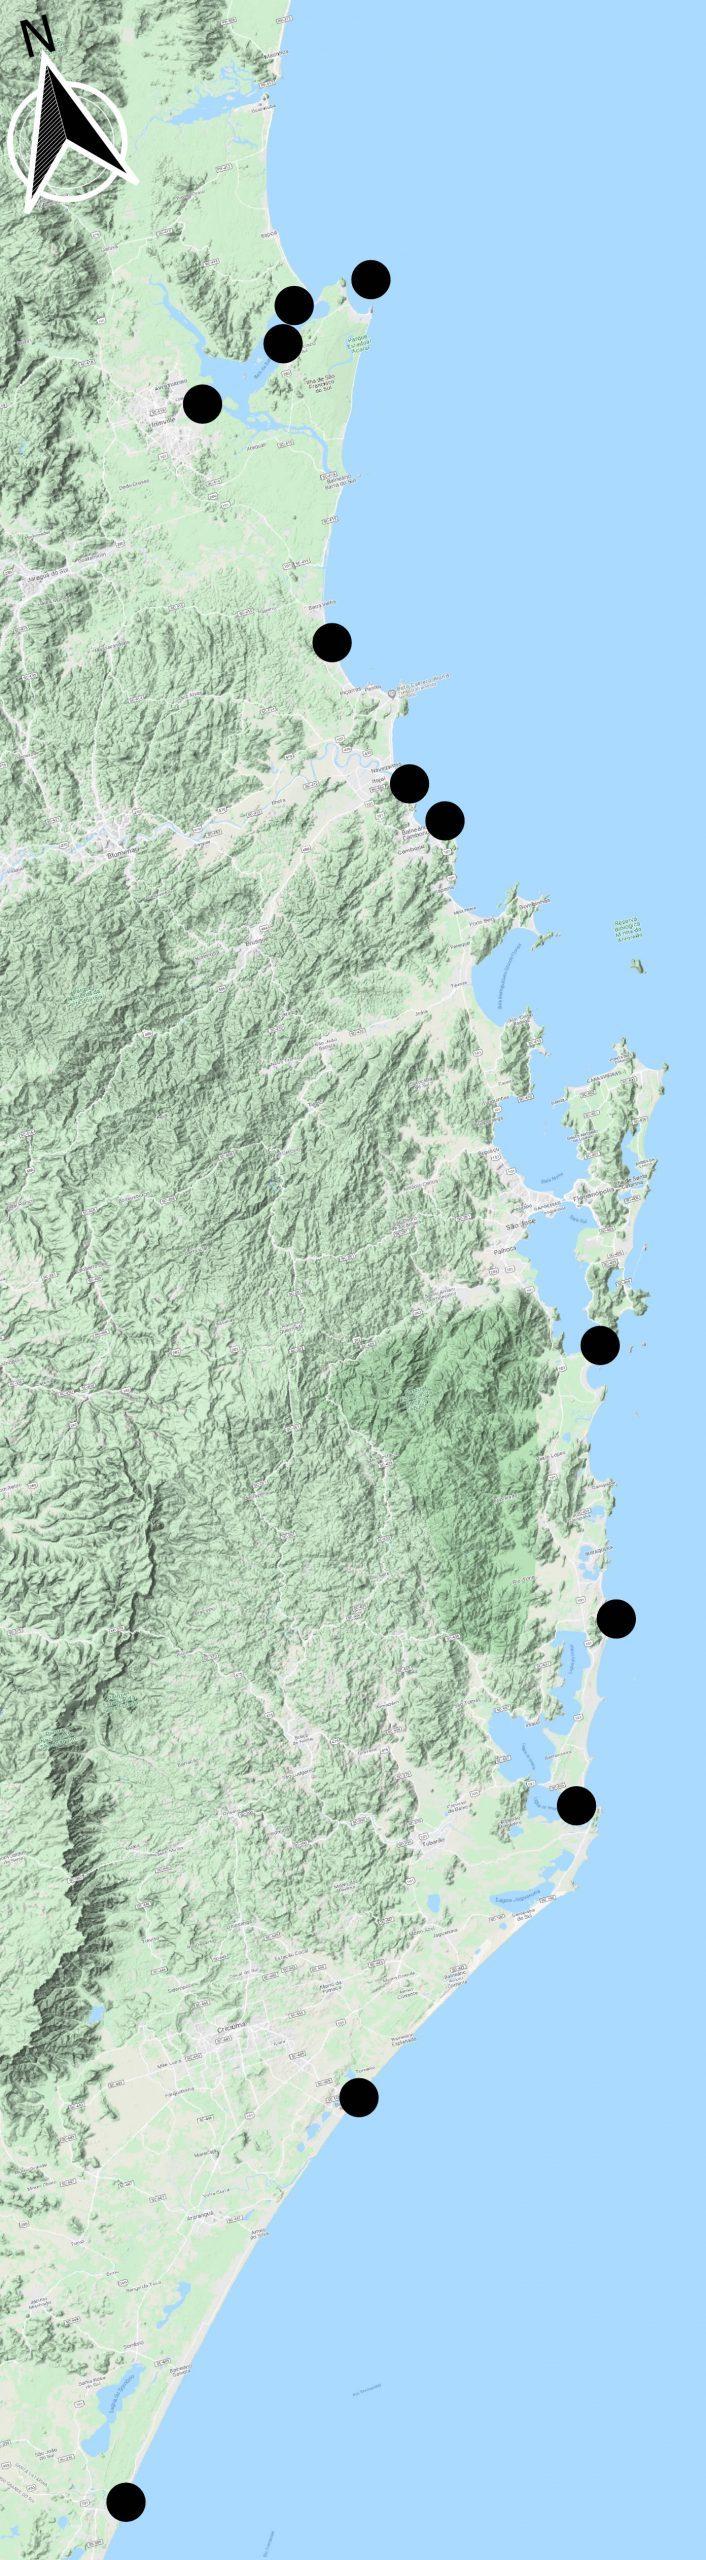 Mapa_pontos_original